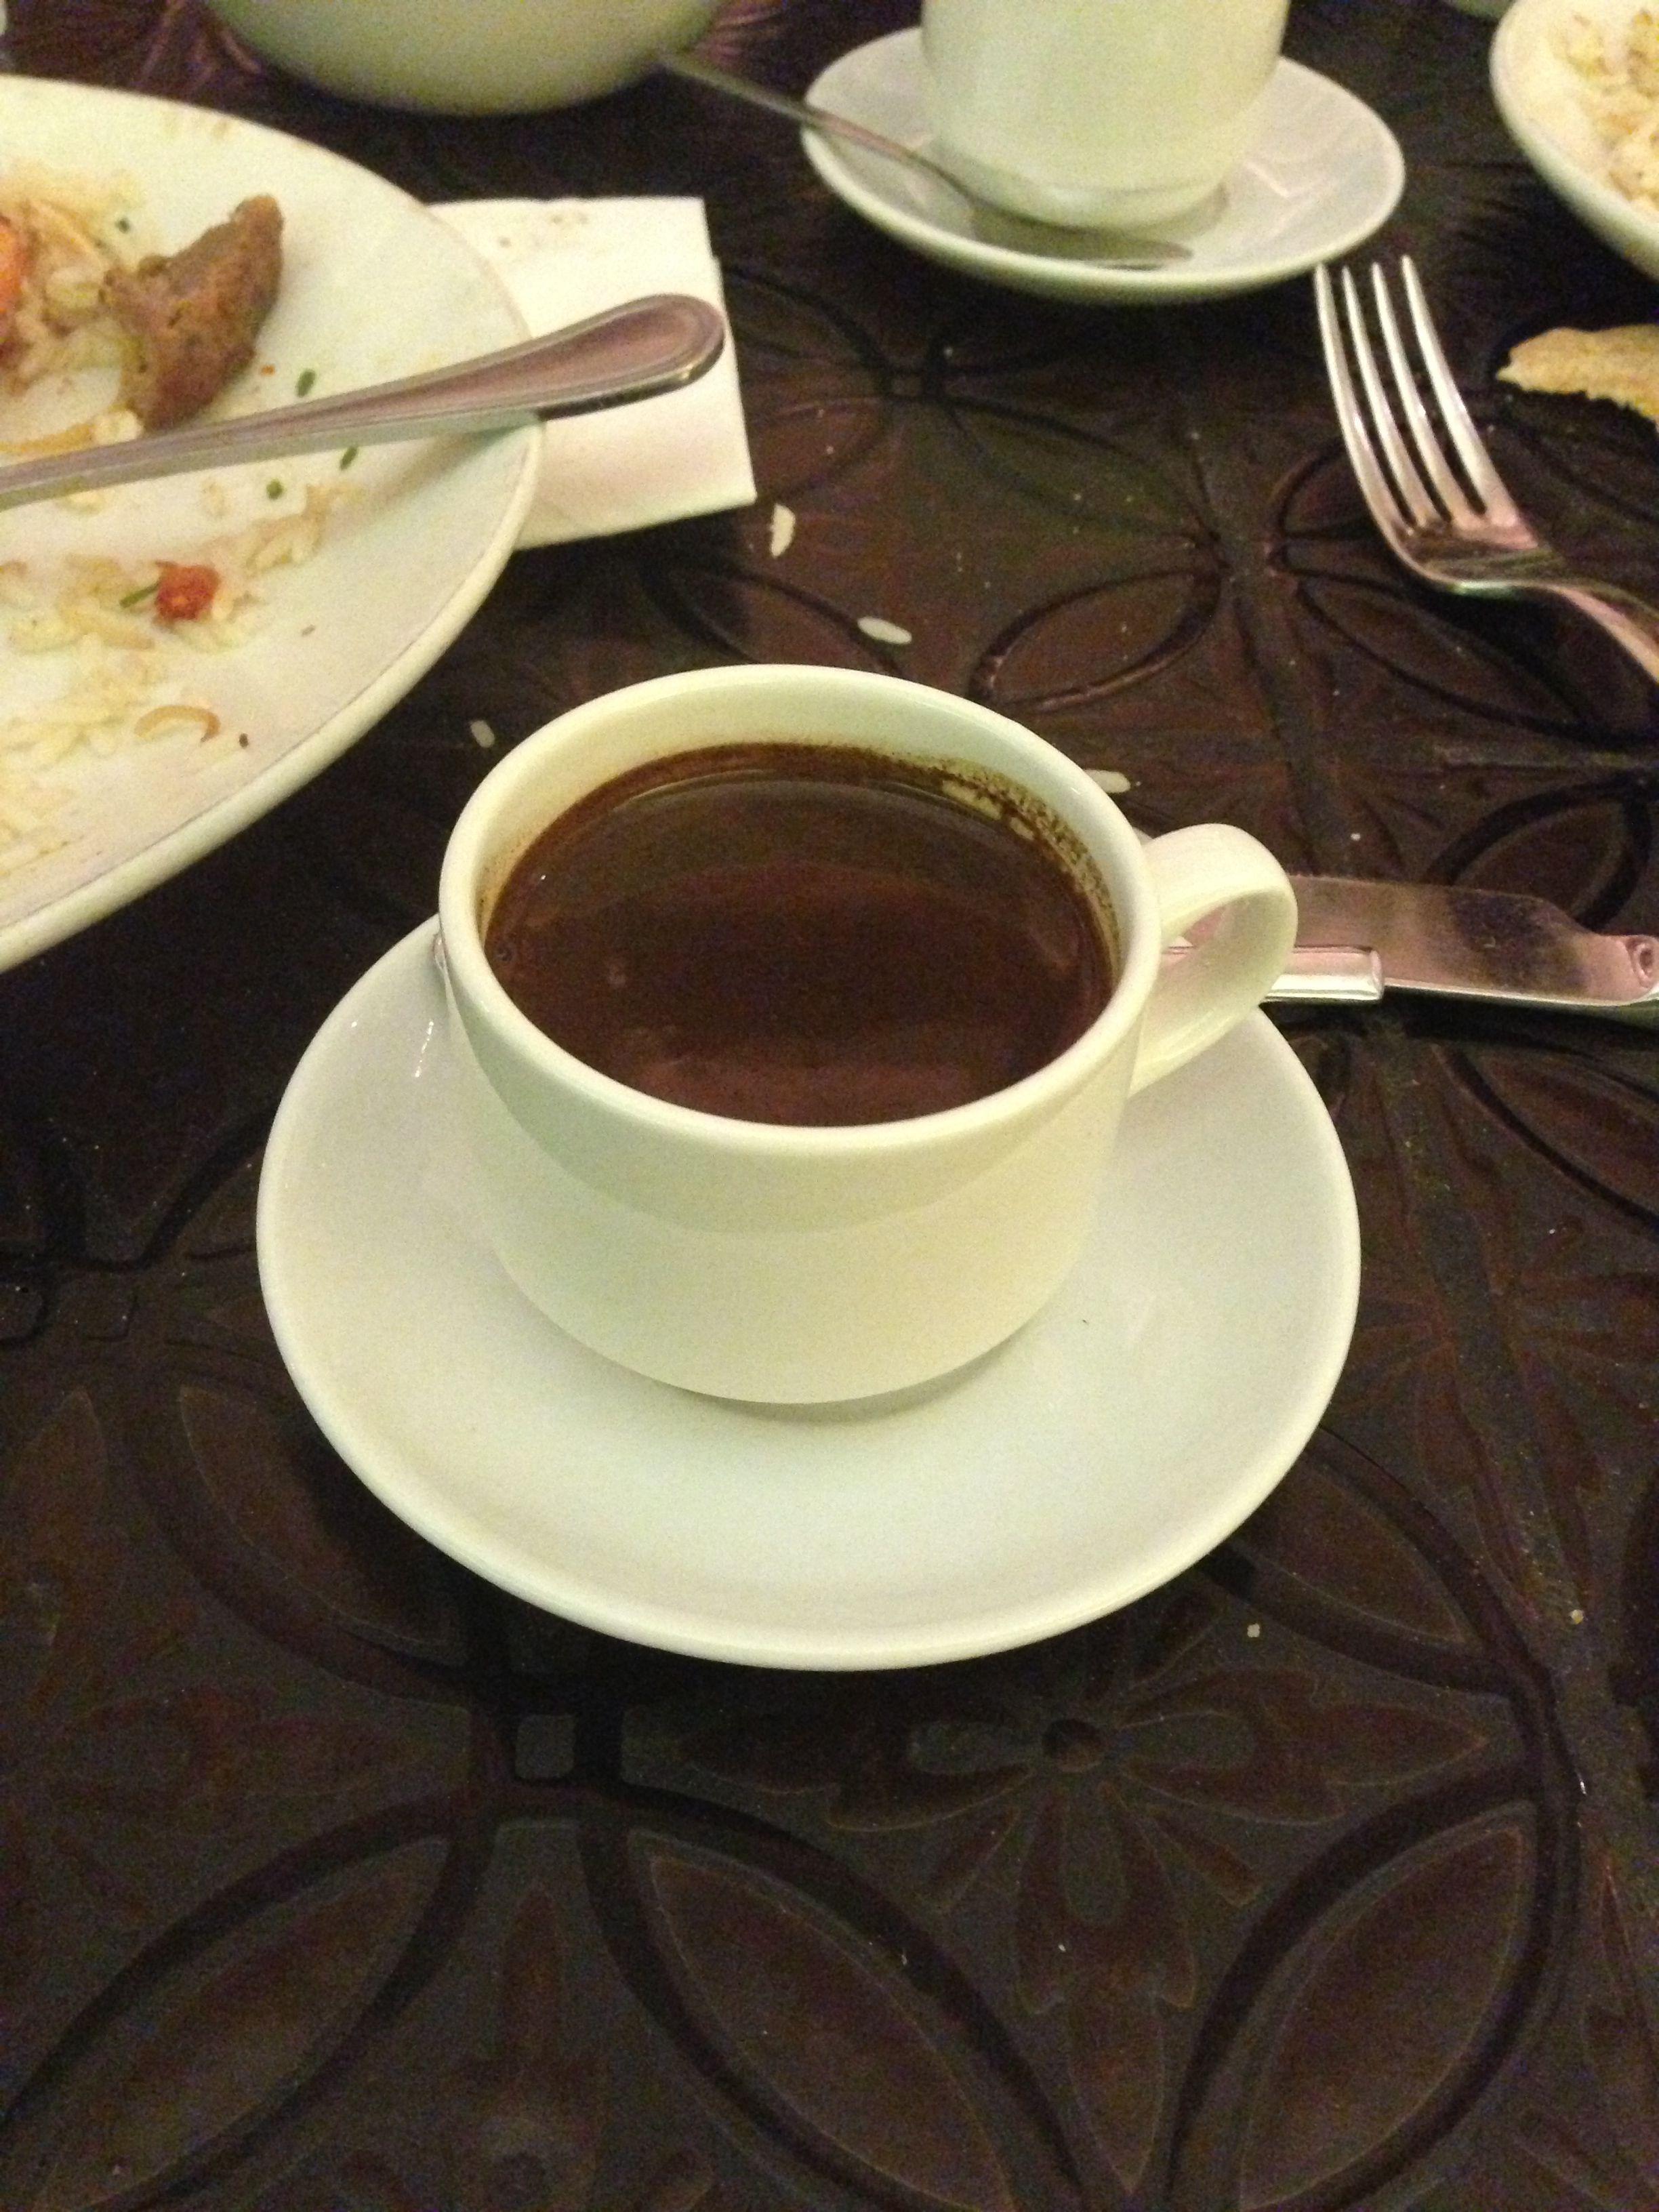 Turkish coffee with cardamom | Tea, coffee and Hot chocolate | Pinter ...